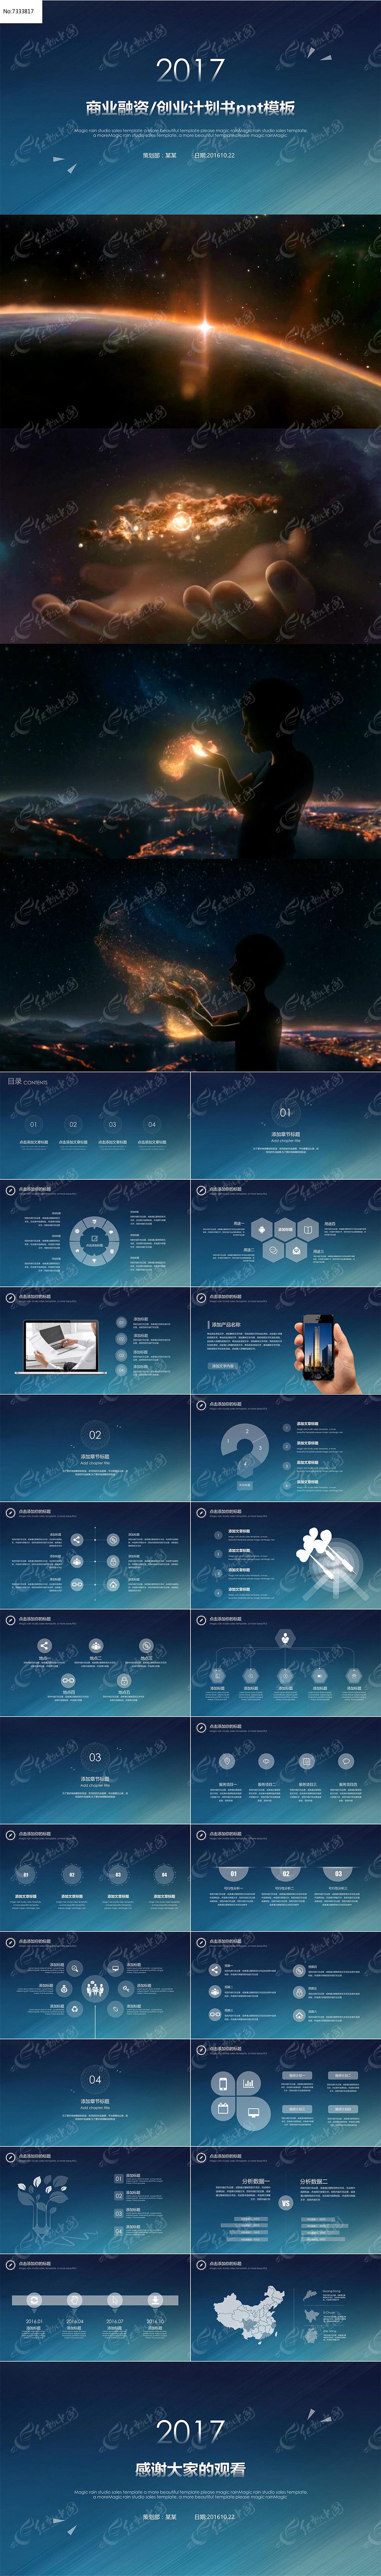 星空创业计划书商业融资动态PPT模版图片